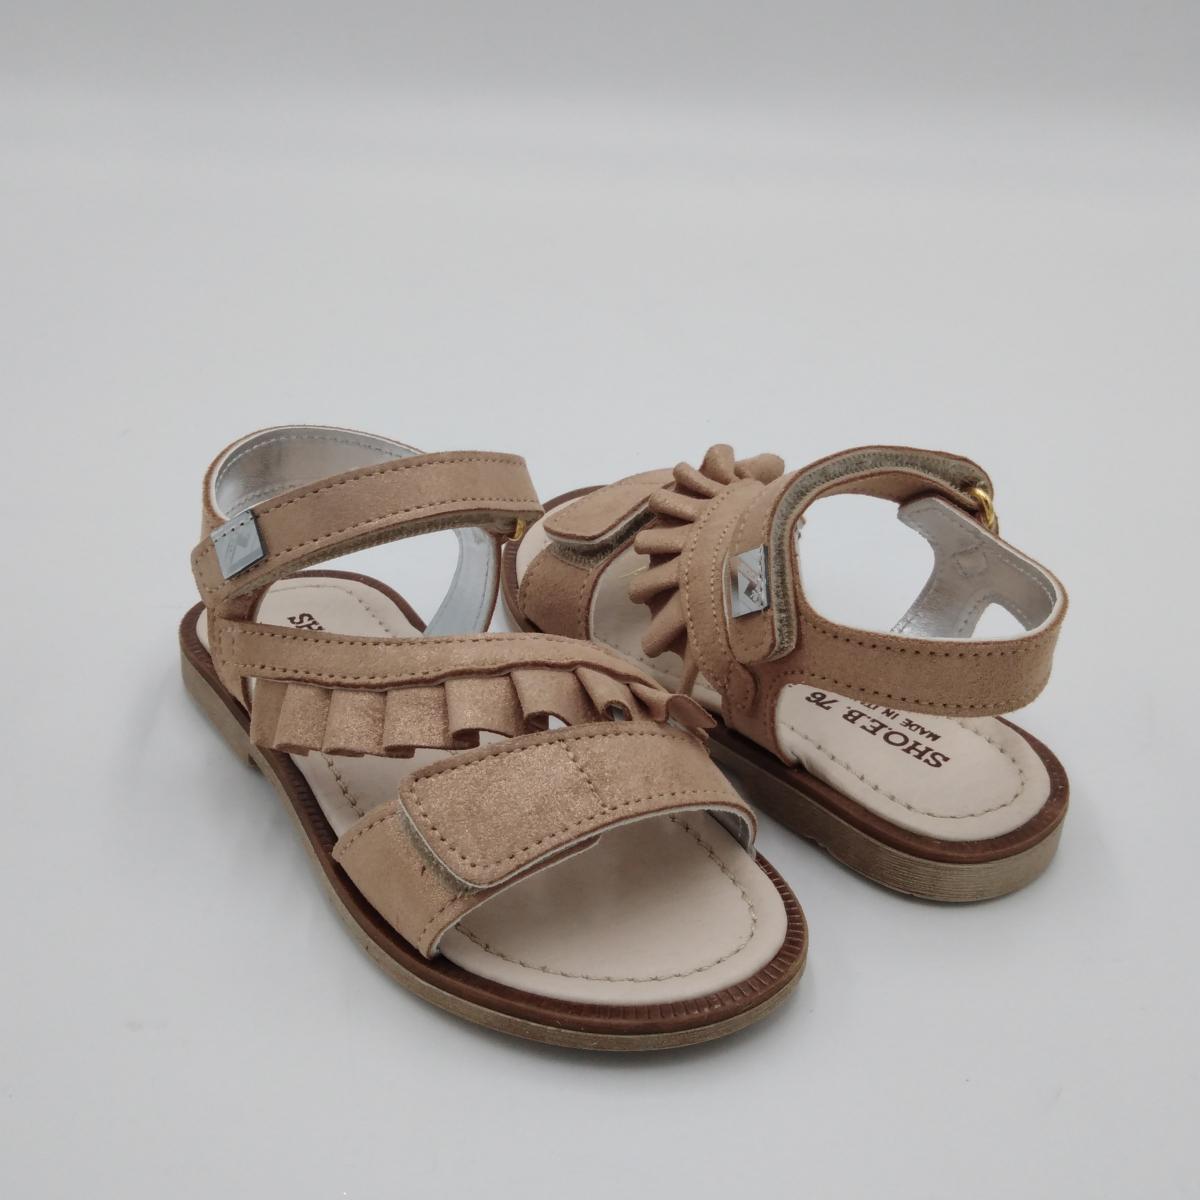 SHOEB 76 -Sandalo pelle...